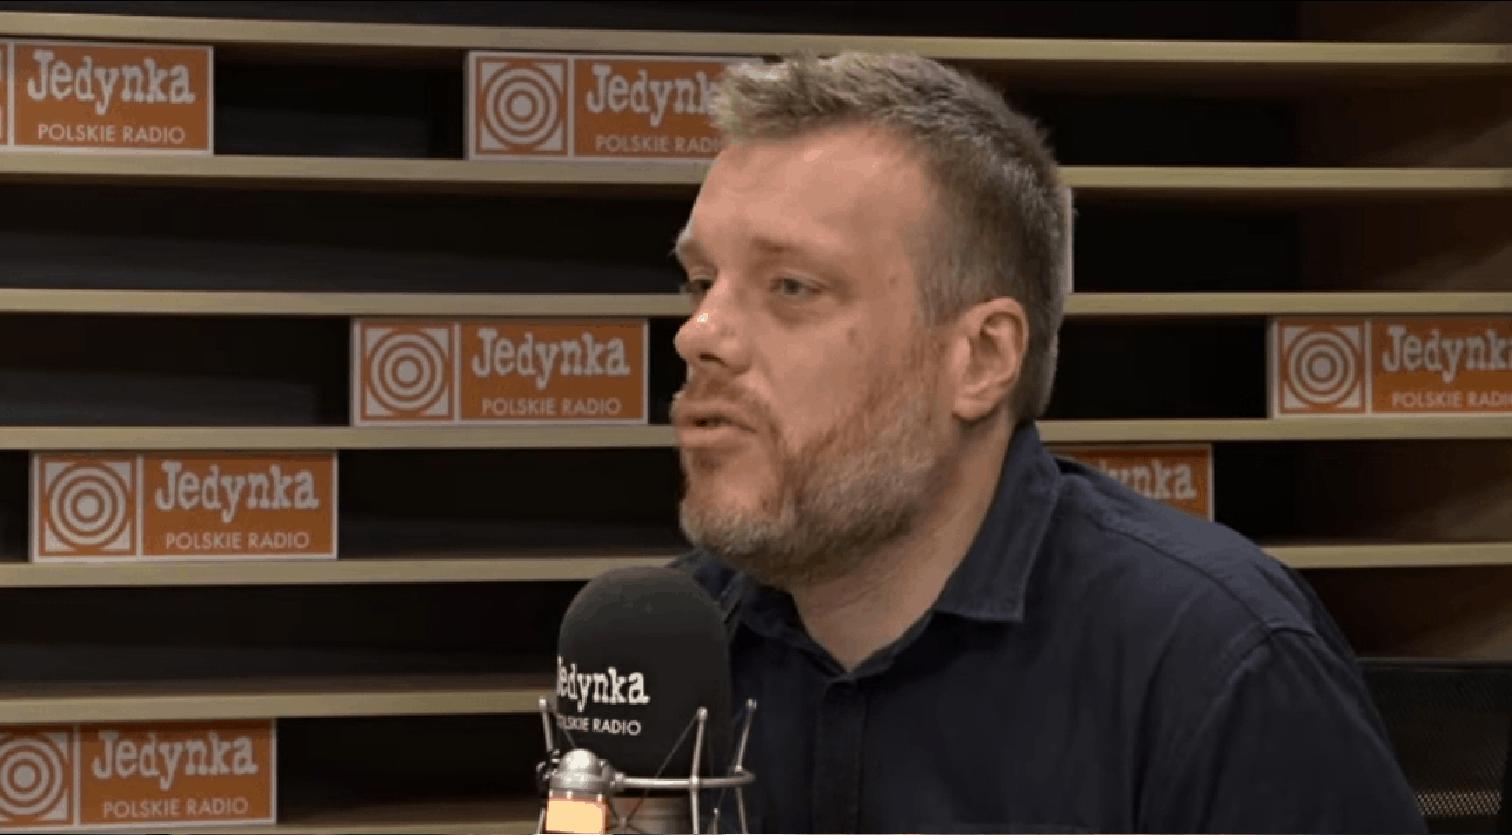 """Adrian Zandberg, lider partii Razem w wywiadzie odniósł się do Majora Zygmunta Szendzielarza pseud. """"Łupaszka"""", który jego zdaniem bohaterem nie był."""